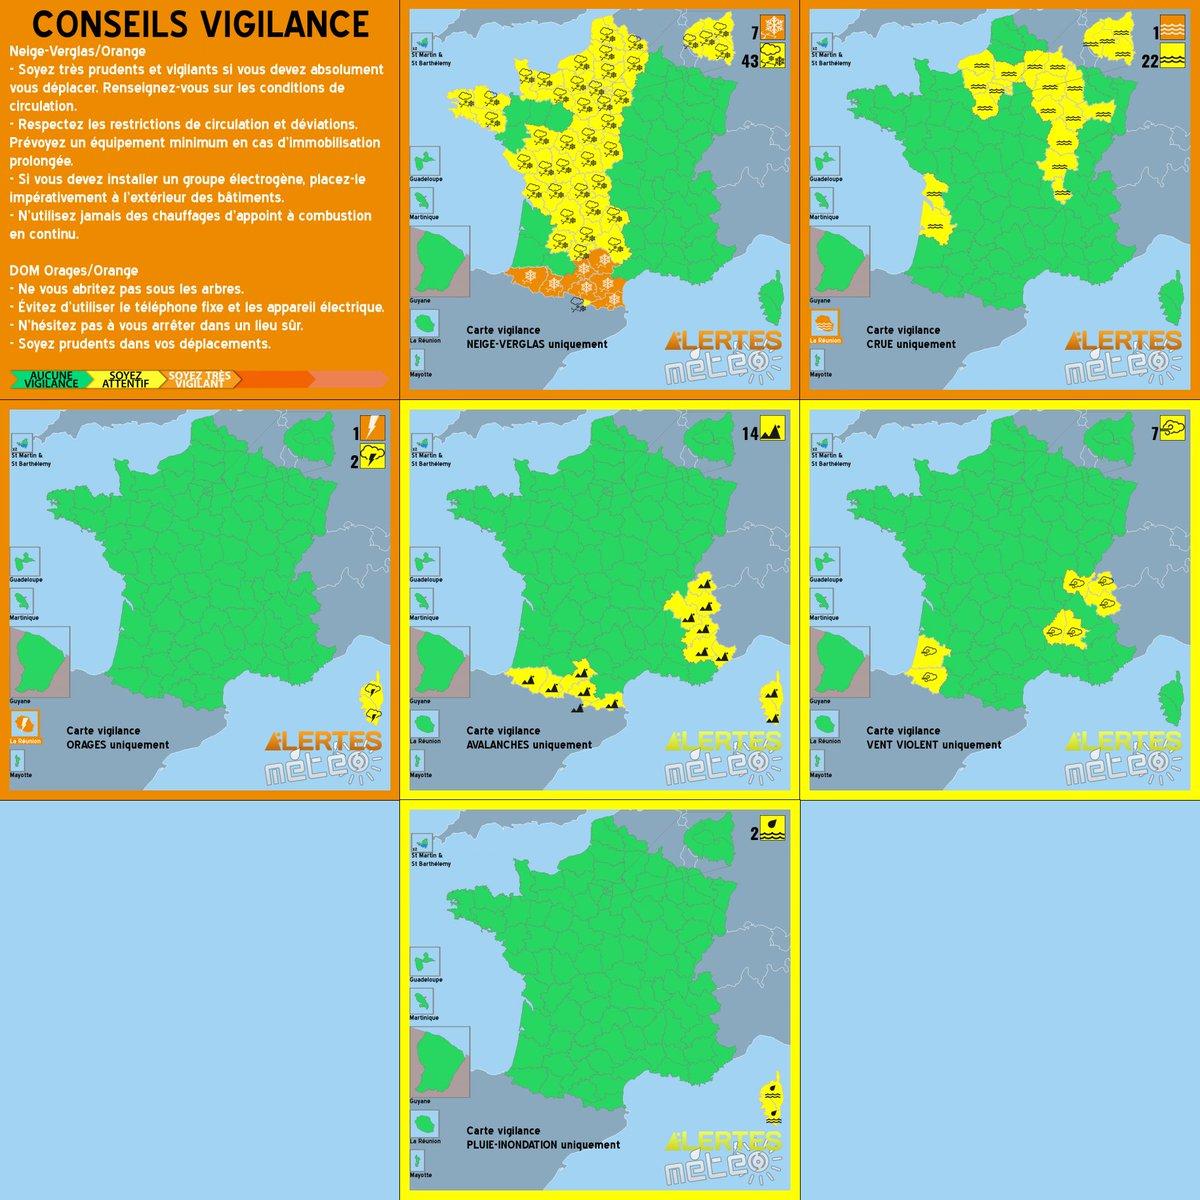 #VigilanceOrange Latest News Trends Updates Images - AlertesMeteo_fr